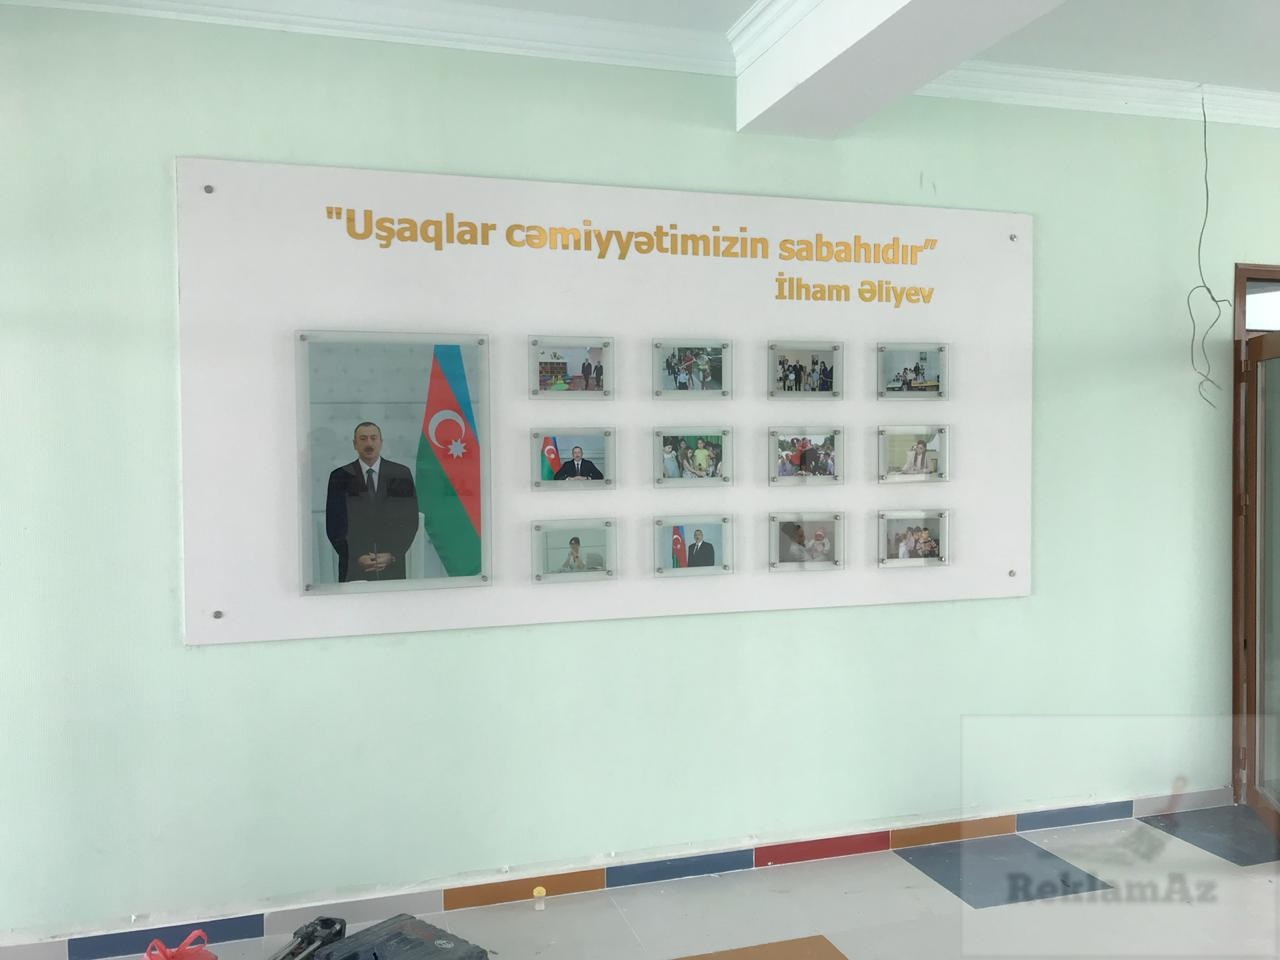 Ilham aliyev guseleri